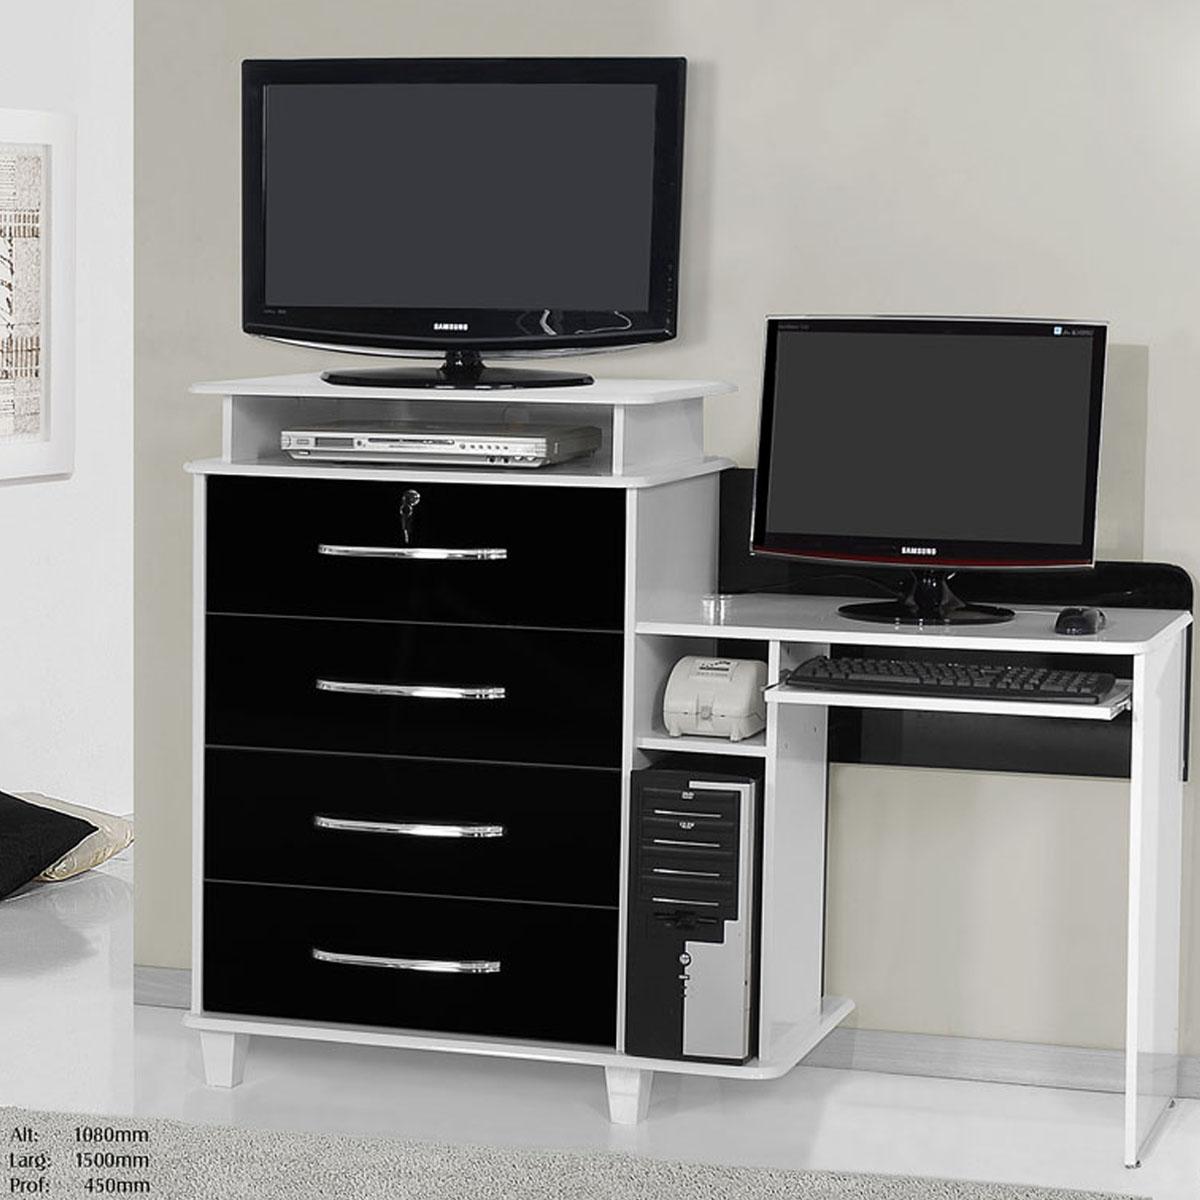 RV móveis Imola tv vídeo escrivaninha 4 gavetas banco e preto #574D4A 1200x1200